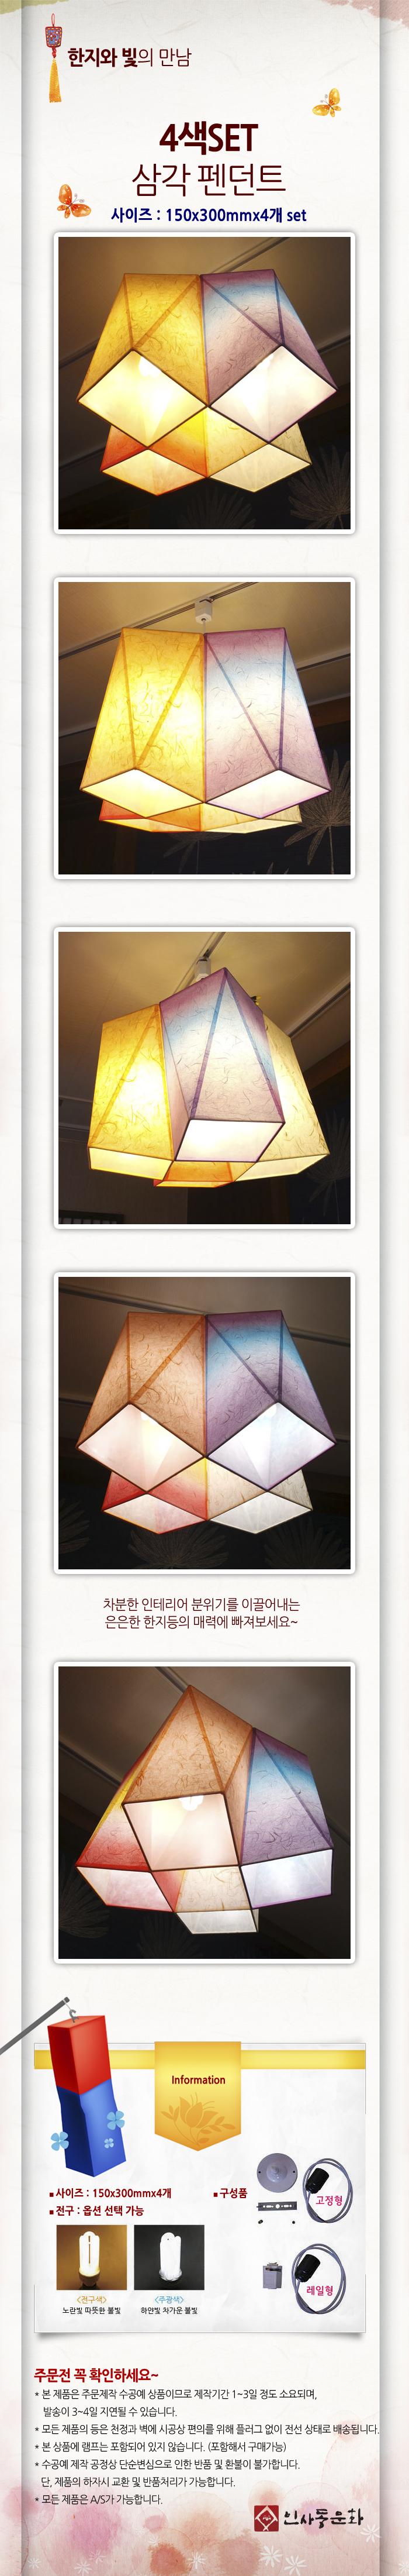 light0042.jpg